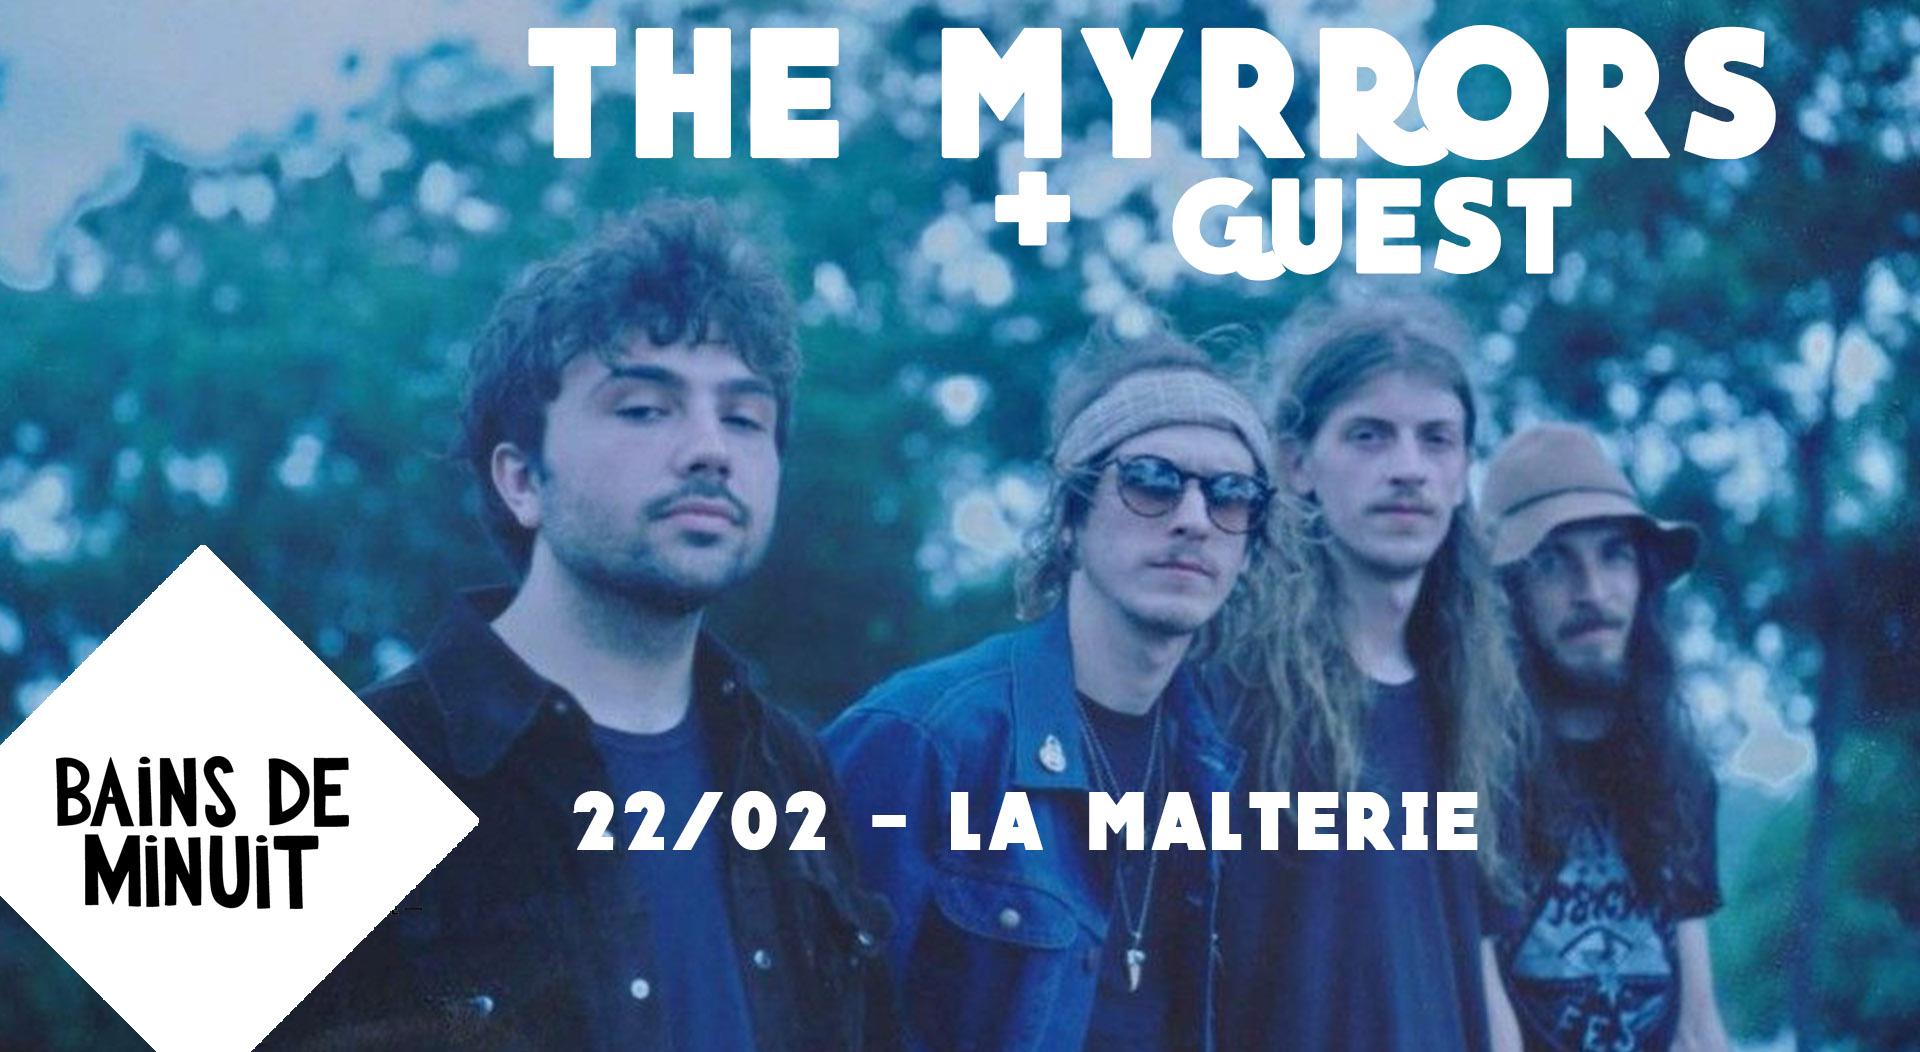 22/02 – THE MYRRORS (usa) + Guest / La Malterie, Lille